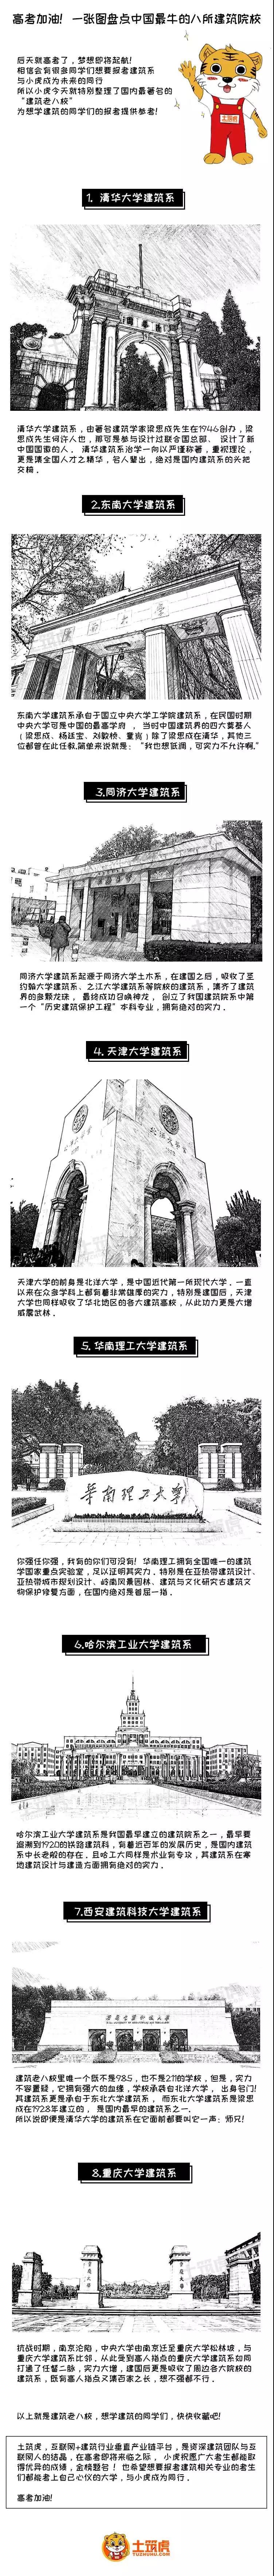 一张图盘点中国最牛的八所建筑院校!